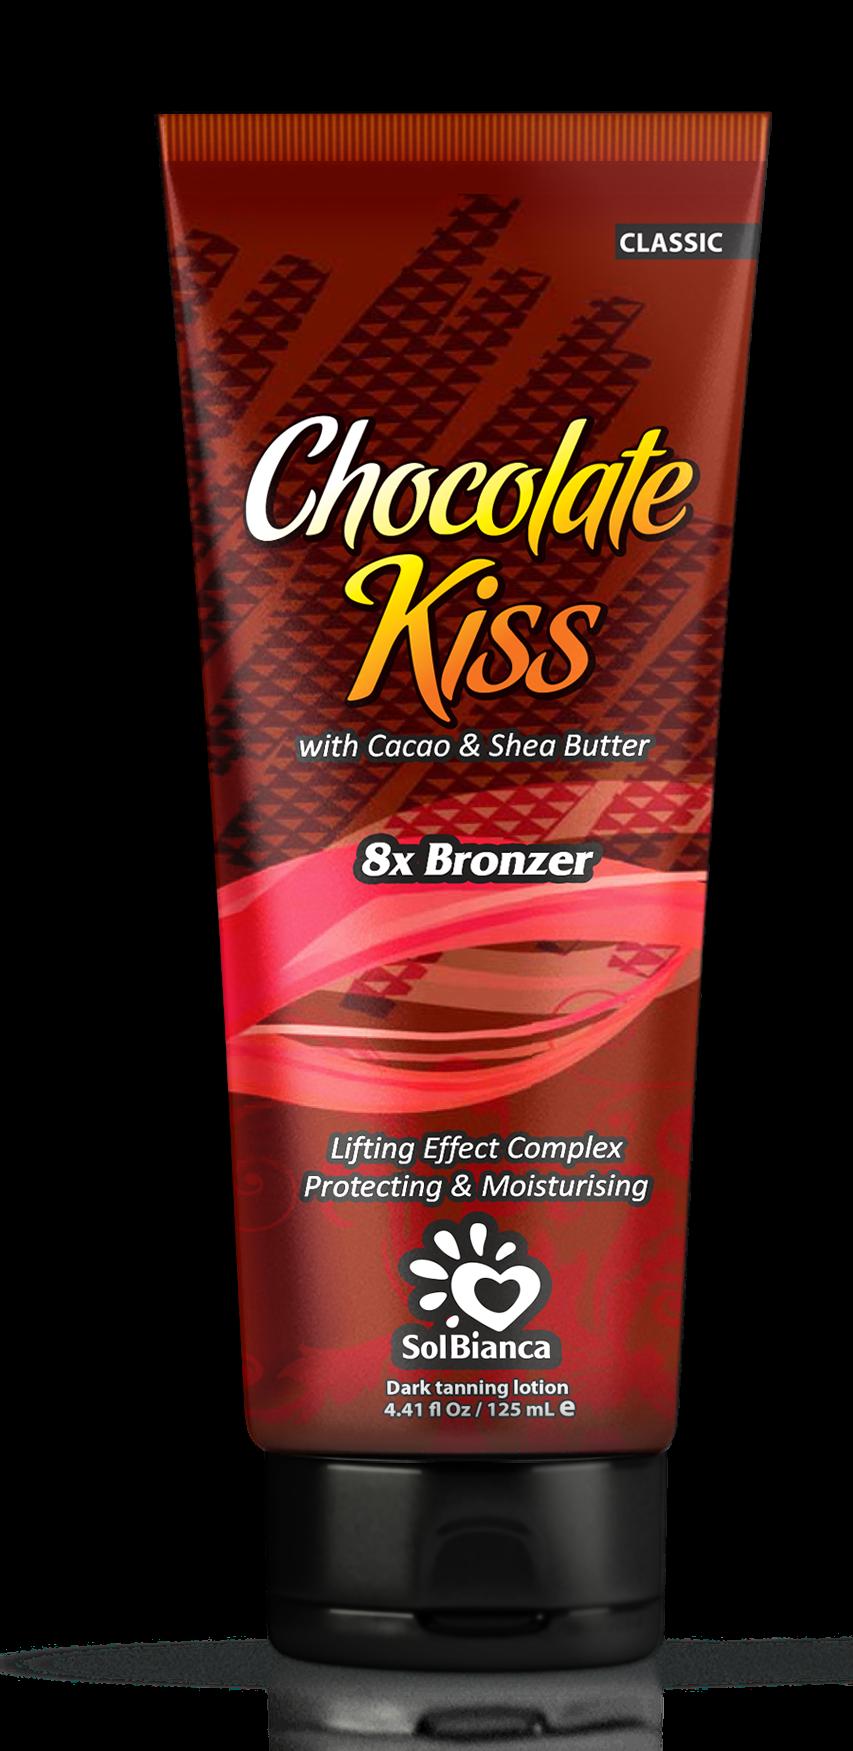 SOLBIANCA Крем для загара в солярии  Chocolate Kiss  с маслом какао, маслом Ши и бронзаторами 125 млКремы<br>Превосходный крем для загара с маслом какао и маслом ши, является прекрасным сочетанием стойкого ультратемного бронзового загара и моделирующего эффекта. Удовлетворит даже самых требовательных посетителей солярия! Активные ингредиенты: масло какао и масло ши. Состав: (INCI) Aqua, Glycerin, Cetearyl Alcohol, Propylene Glycol, Paraffinum Liquidum, Dihydroxyacetone, Hydrogenated Palm Oil, Dimethicone, Isopropyl Palmitate, Stearyl Alcohol, Ceteareth   6, PEG   100 Stearate, PEG   7 Glyceryl Cocoate, Mannan, Cyclomethicone, Theobromo Cacao Seed Butter, Aloe Barbadensis Extract, Juglans Regia Seedcoat Extract, Phenoxyethanol, Methylparaben (and) Ethylparaben (and) Propylparaben, Glyceryl Stearate, Ceteareth - 20, Ceteareth   12, Cetyl Palmitate, Butyrospermum Parkii Oil, Panthenol, Persea Gratissima Oil, Juglans Regia Seed Oil, PEG   40 Hydrogenated Castor Oil, Parfume, Methylchloroisothiazolinone, Methylisothiazolinone, BHT, Ascorbyl Palmitate, Hippophae Rhamnoides Extract, Citric Acid, Caramel, CI 20285. Способ применения: аккуратными массажными движениями равномерно распределить содержимое по сухой чистой коже. Аккуратно втереть.<br>